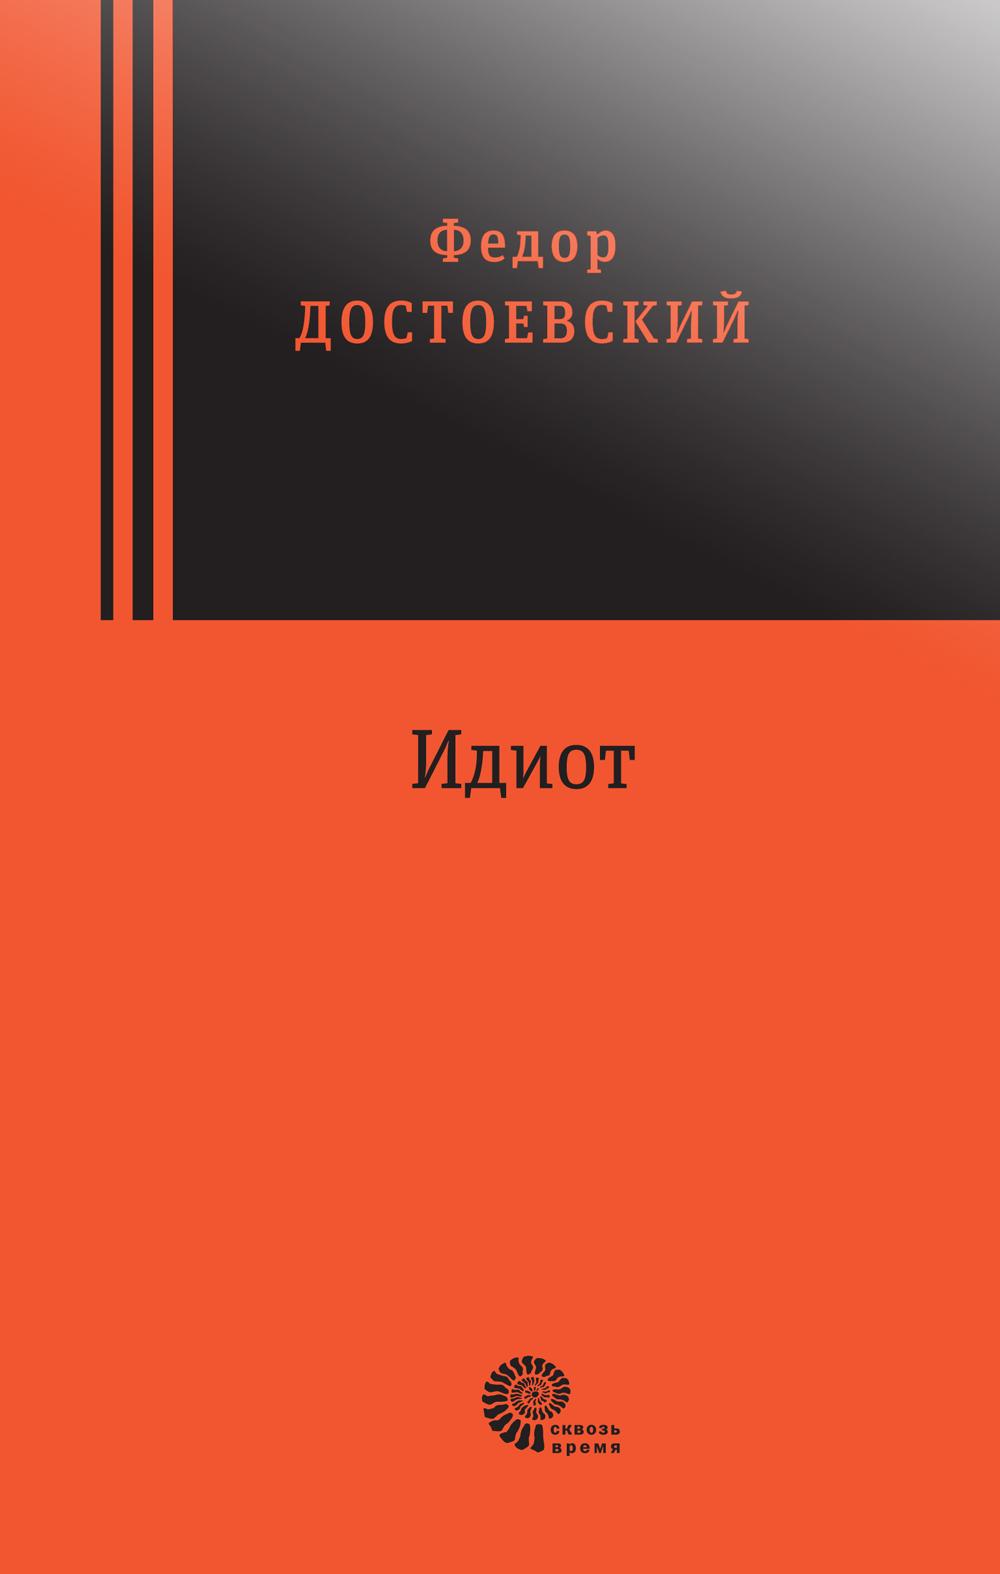 Купить Идиот, Федор Достоевский, 978-5-9691-1577-4